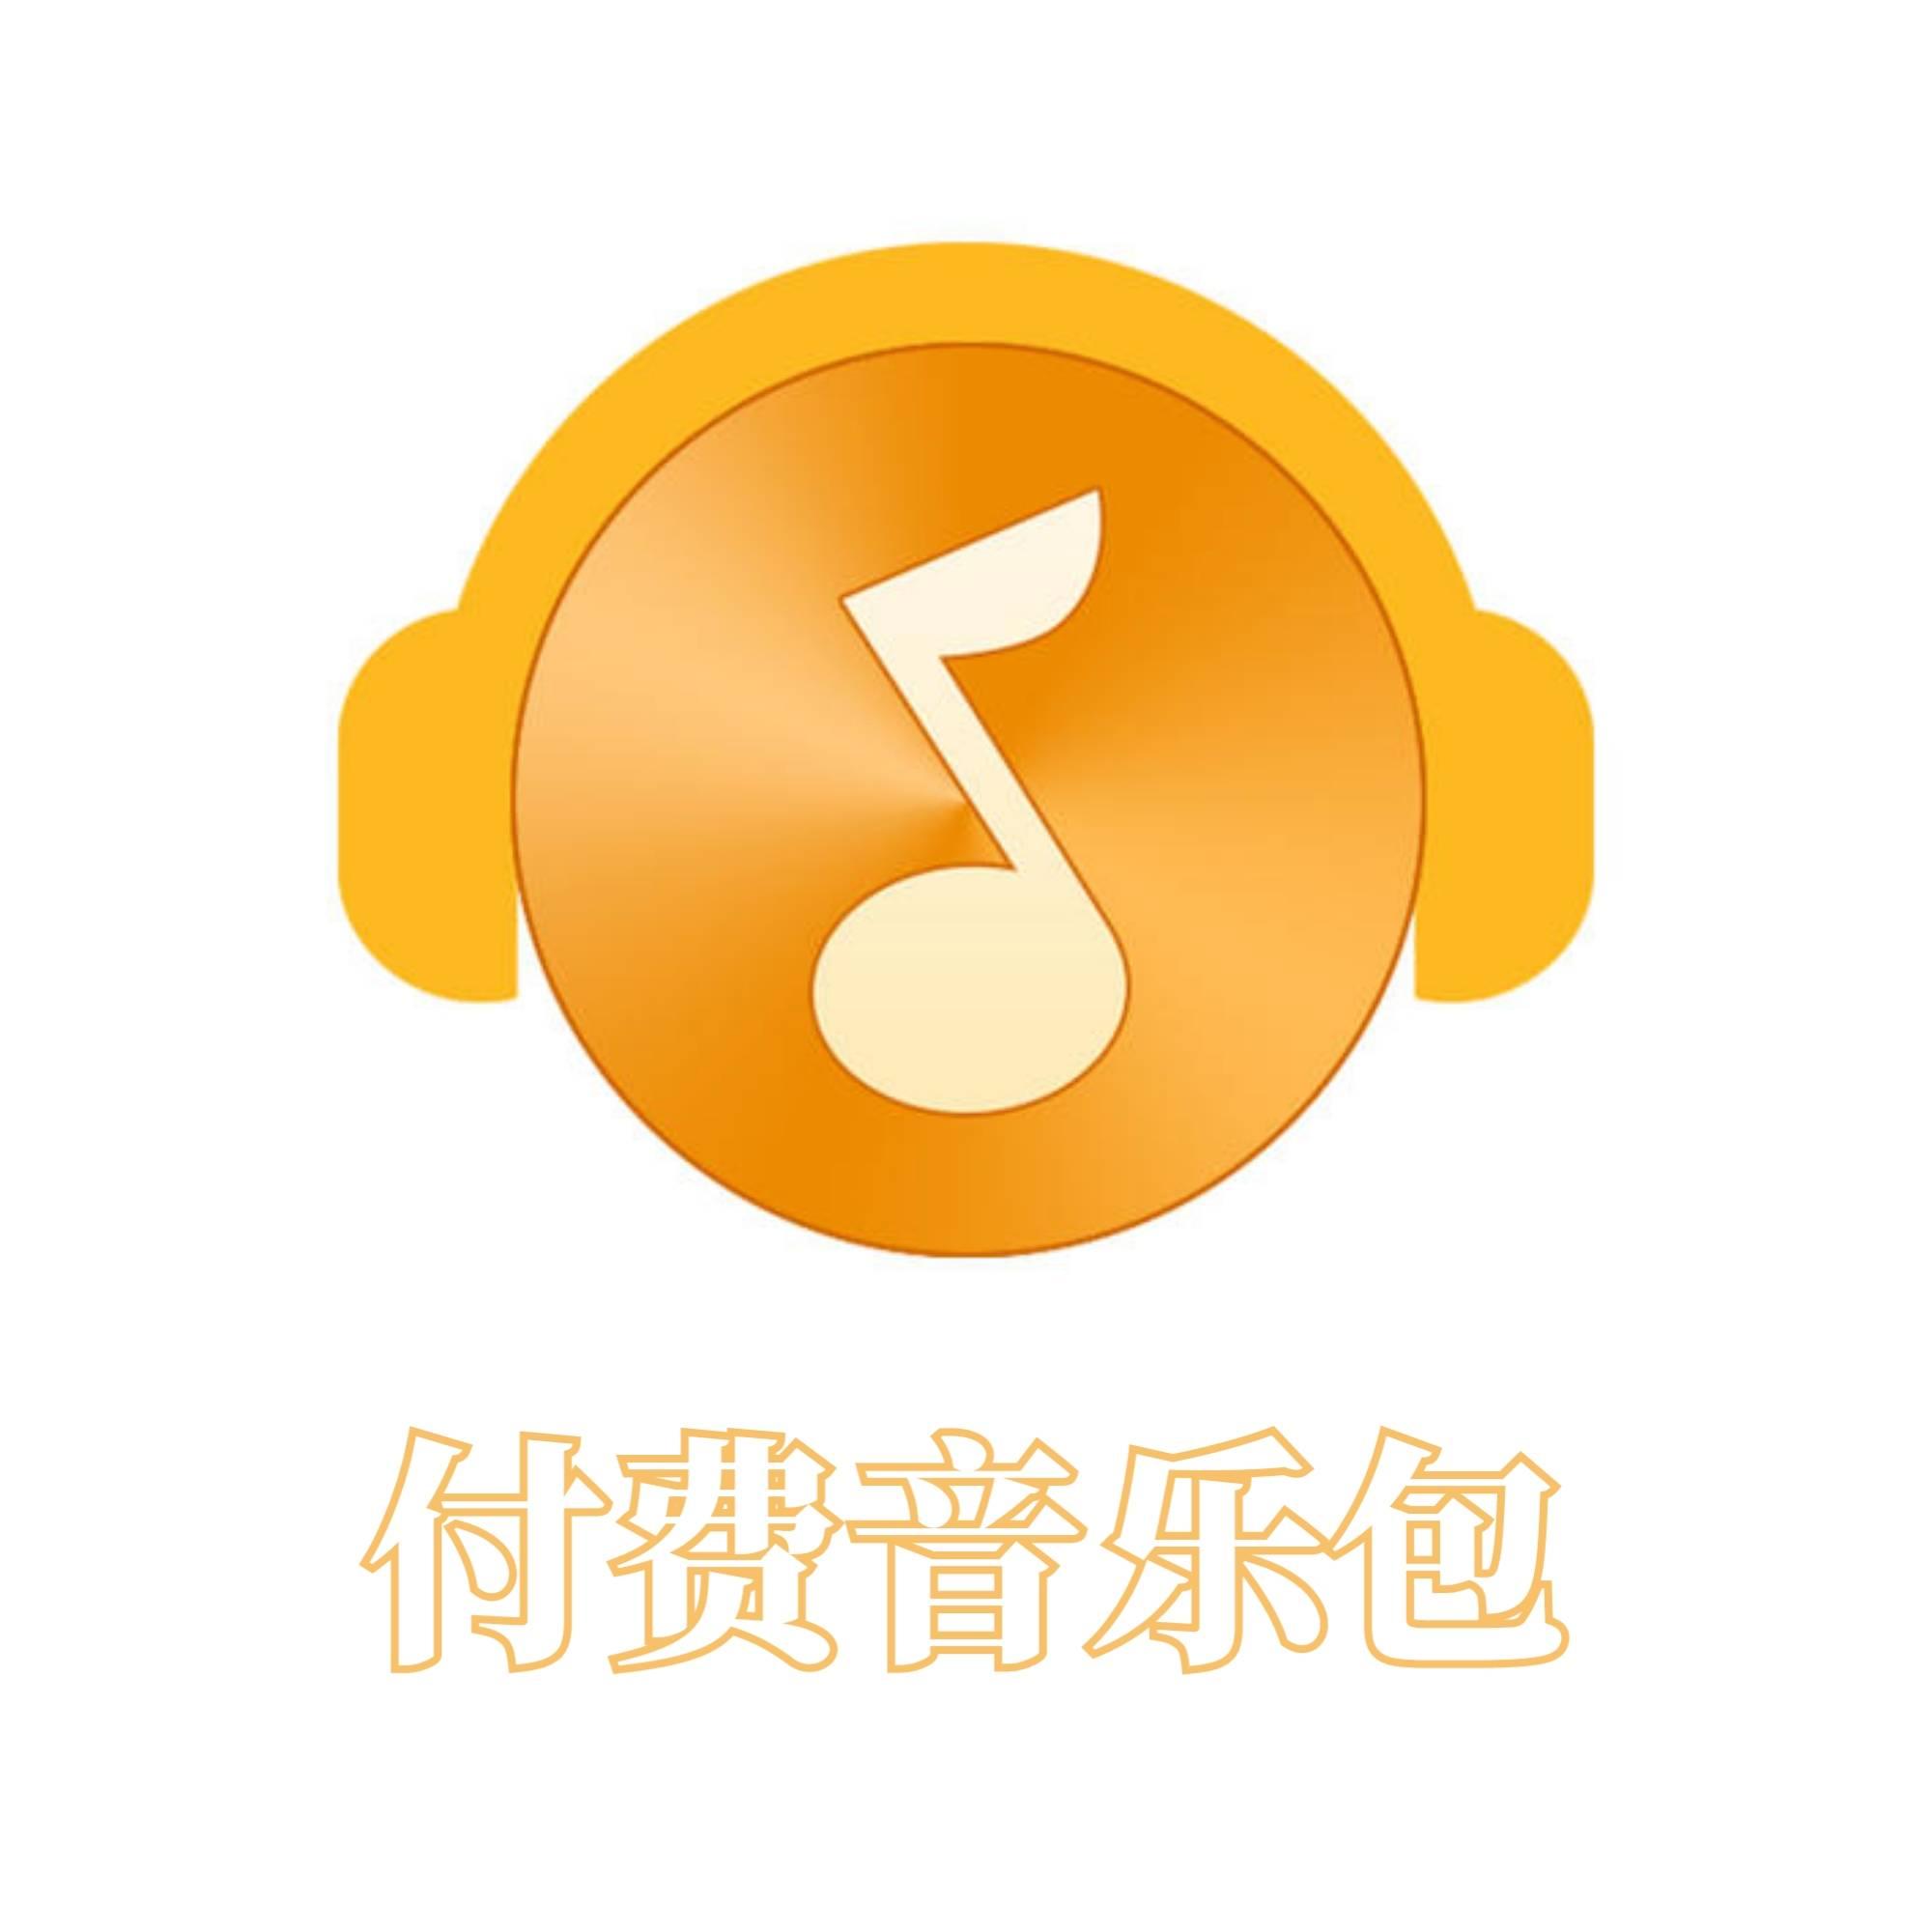 【自动充】QQ音乐包3个月 QQ付费音乐随享包3个月卡